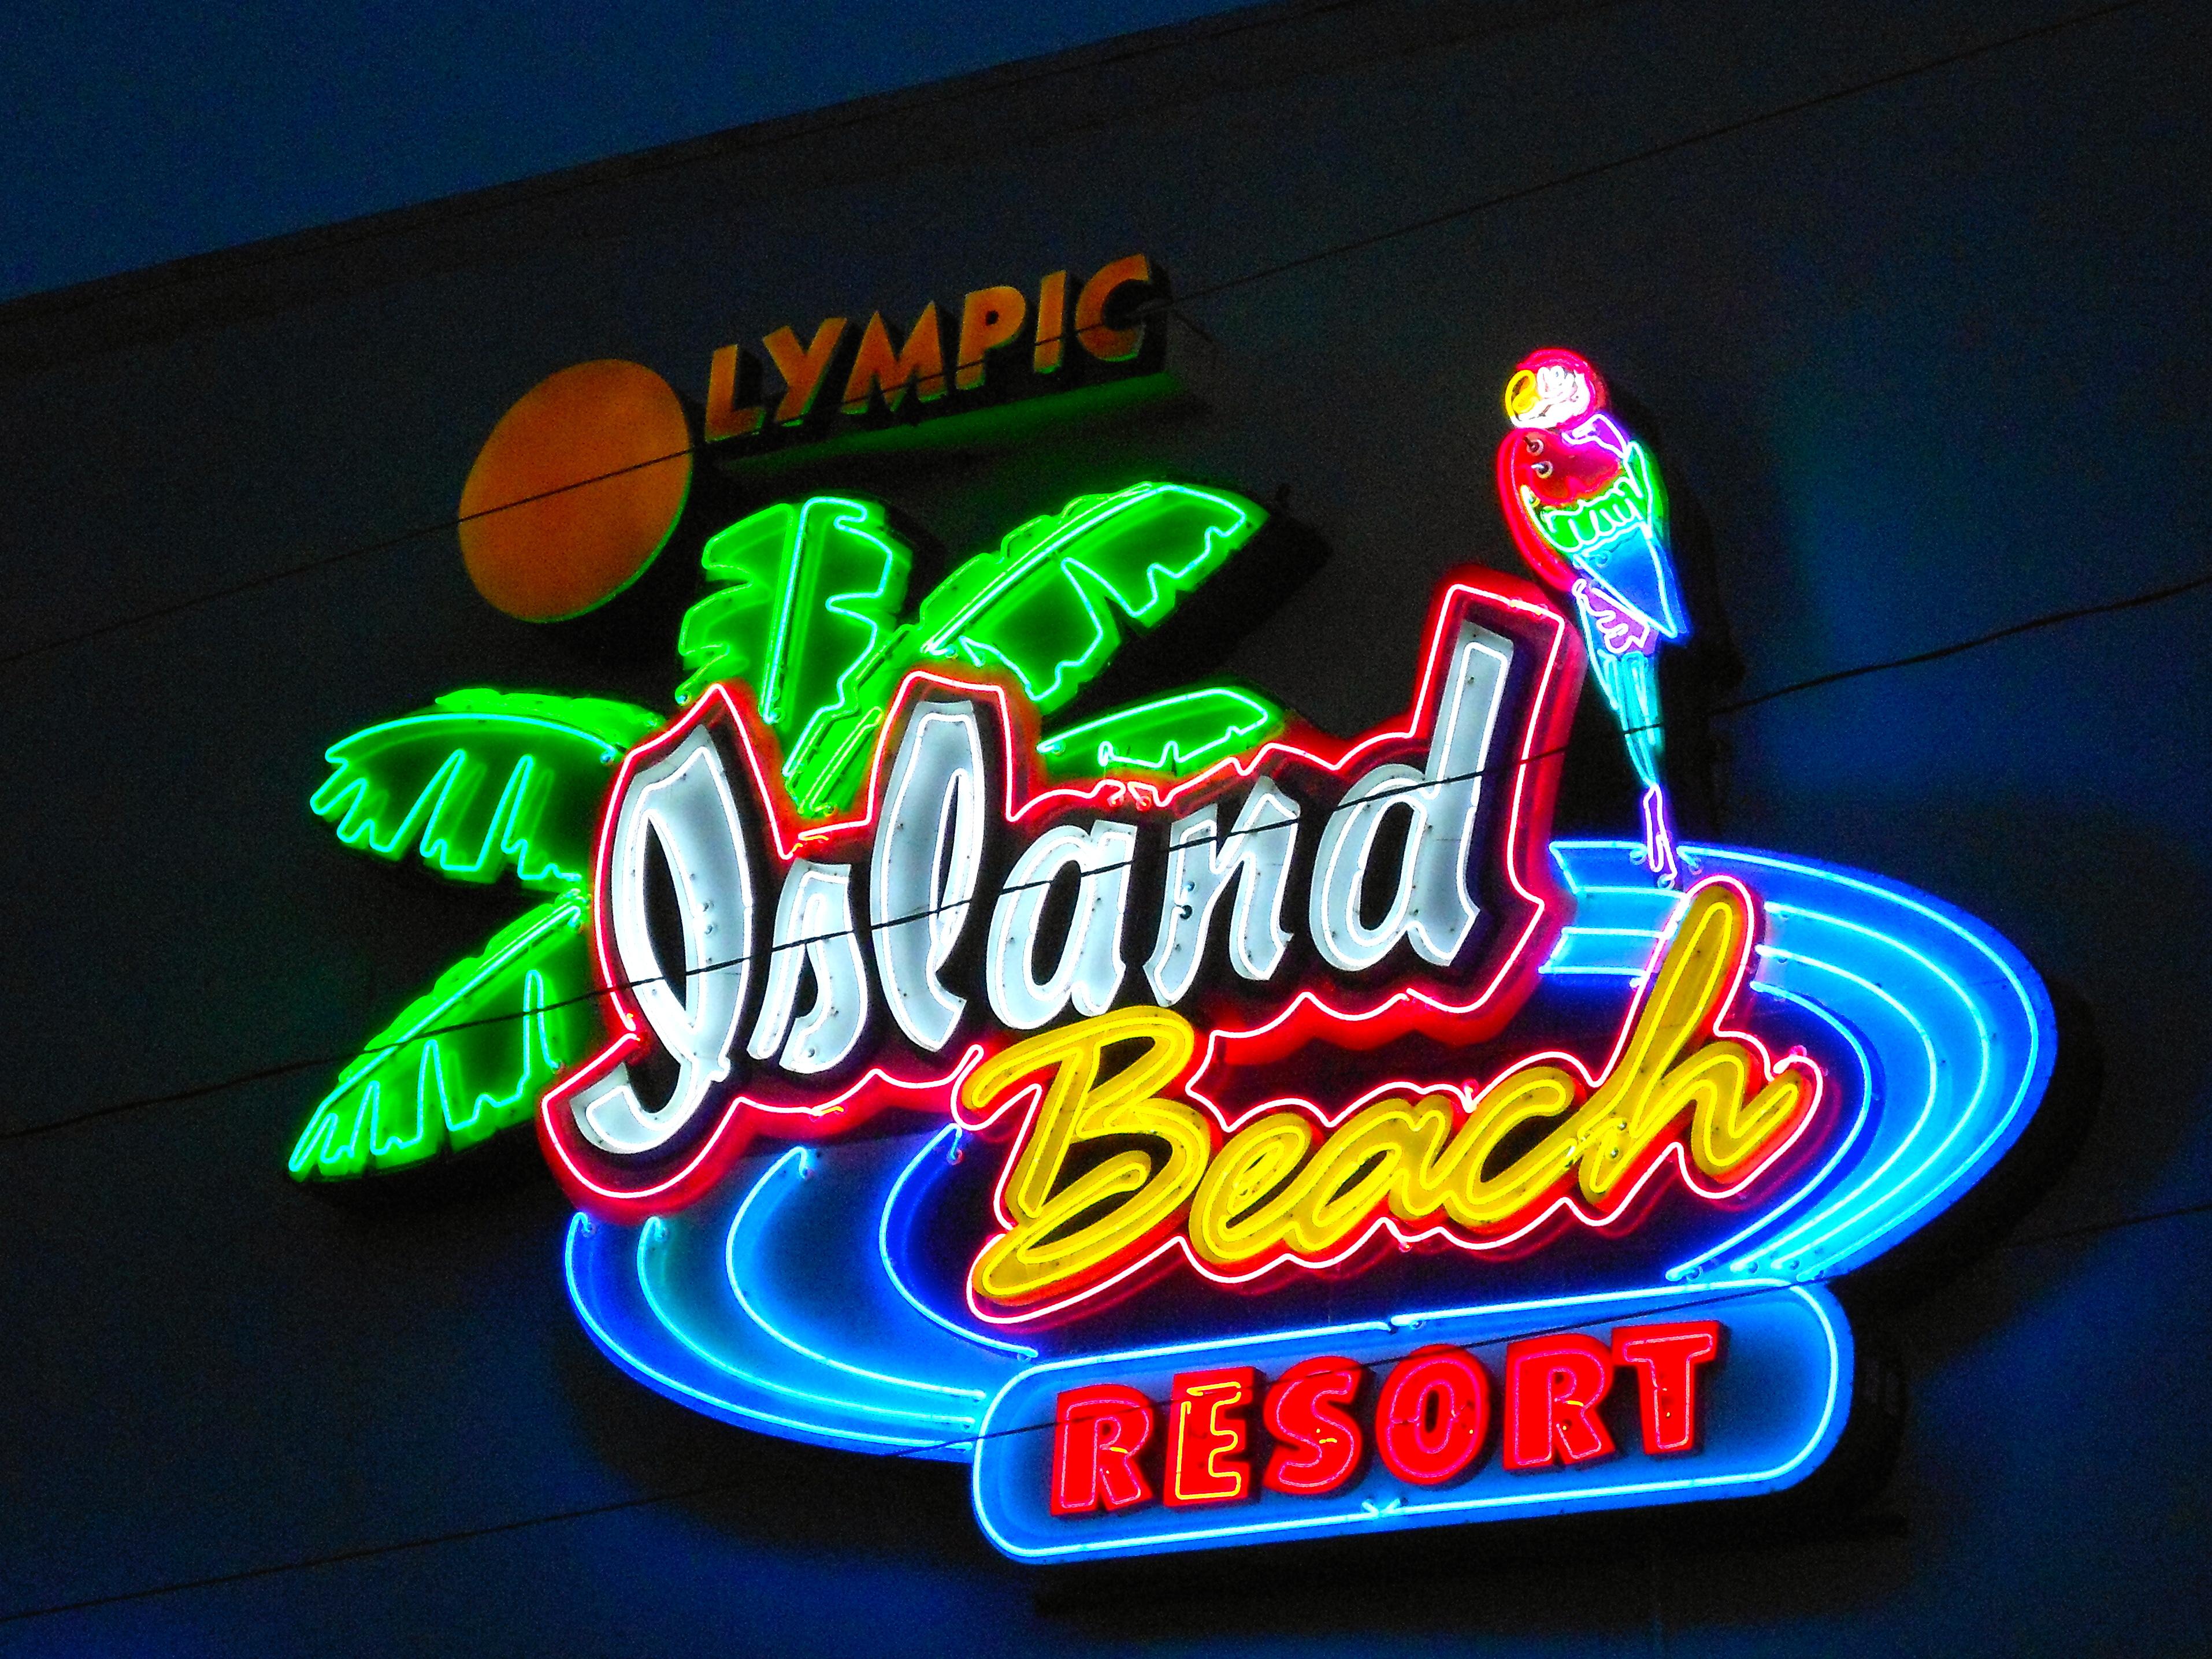 Neon Island Beach Resort Sign Vector